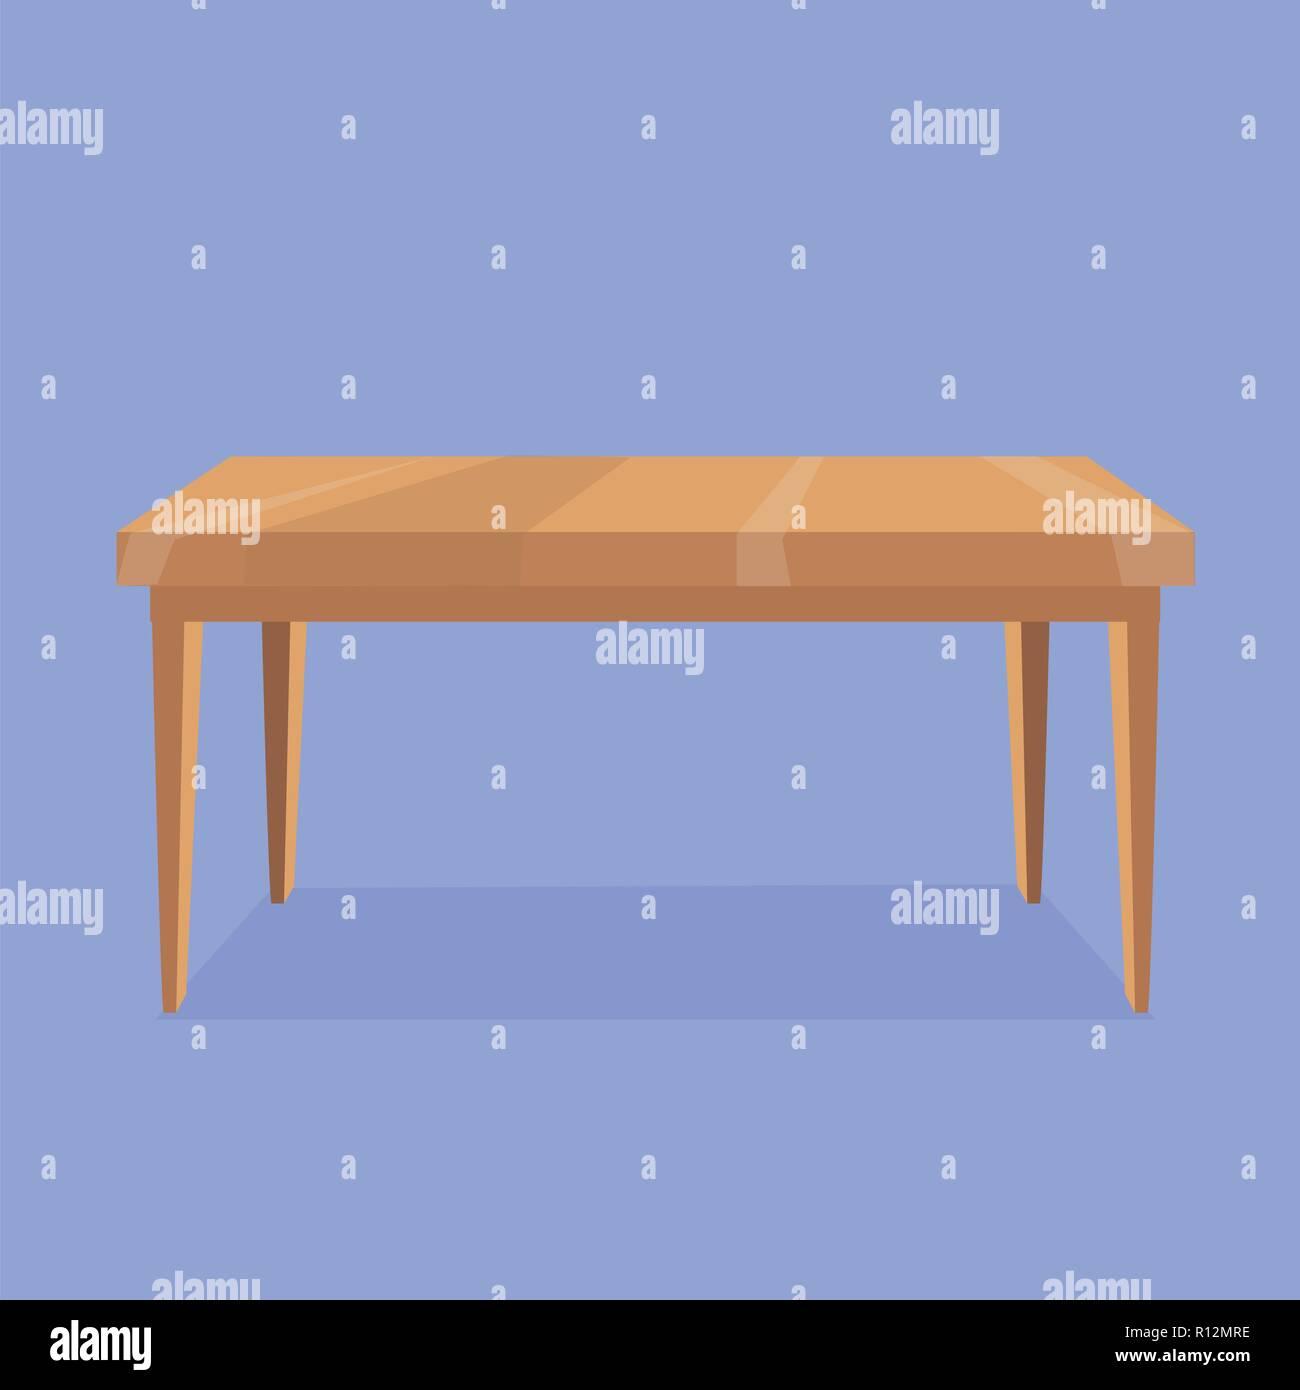 Ilustración vectorial de mesa rectangular de madera sobre fondo violeta con sombra gris. Objeto aislado para la creación de escenas de interiores. Cartoon Ilustración del Vector